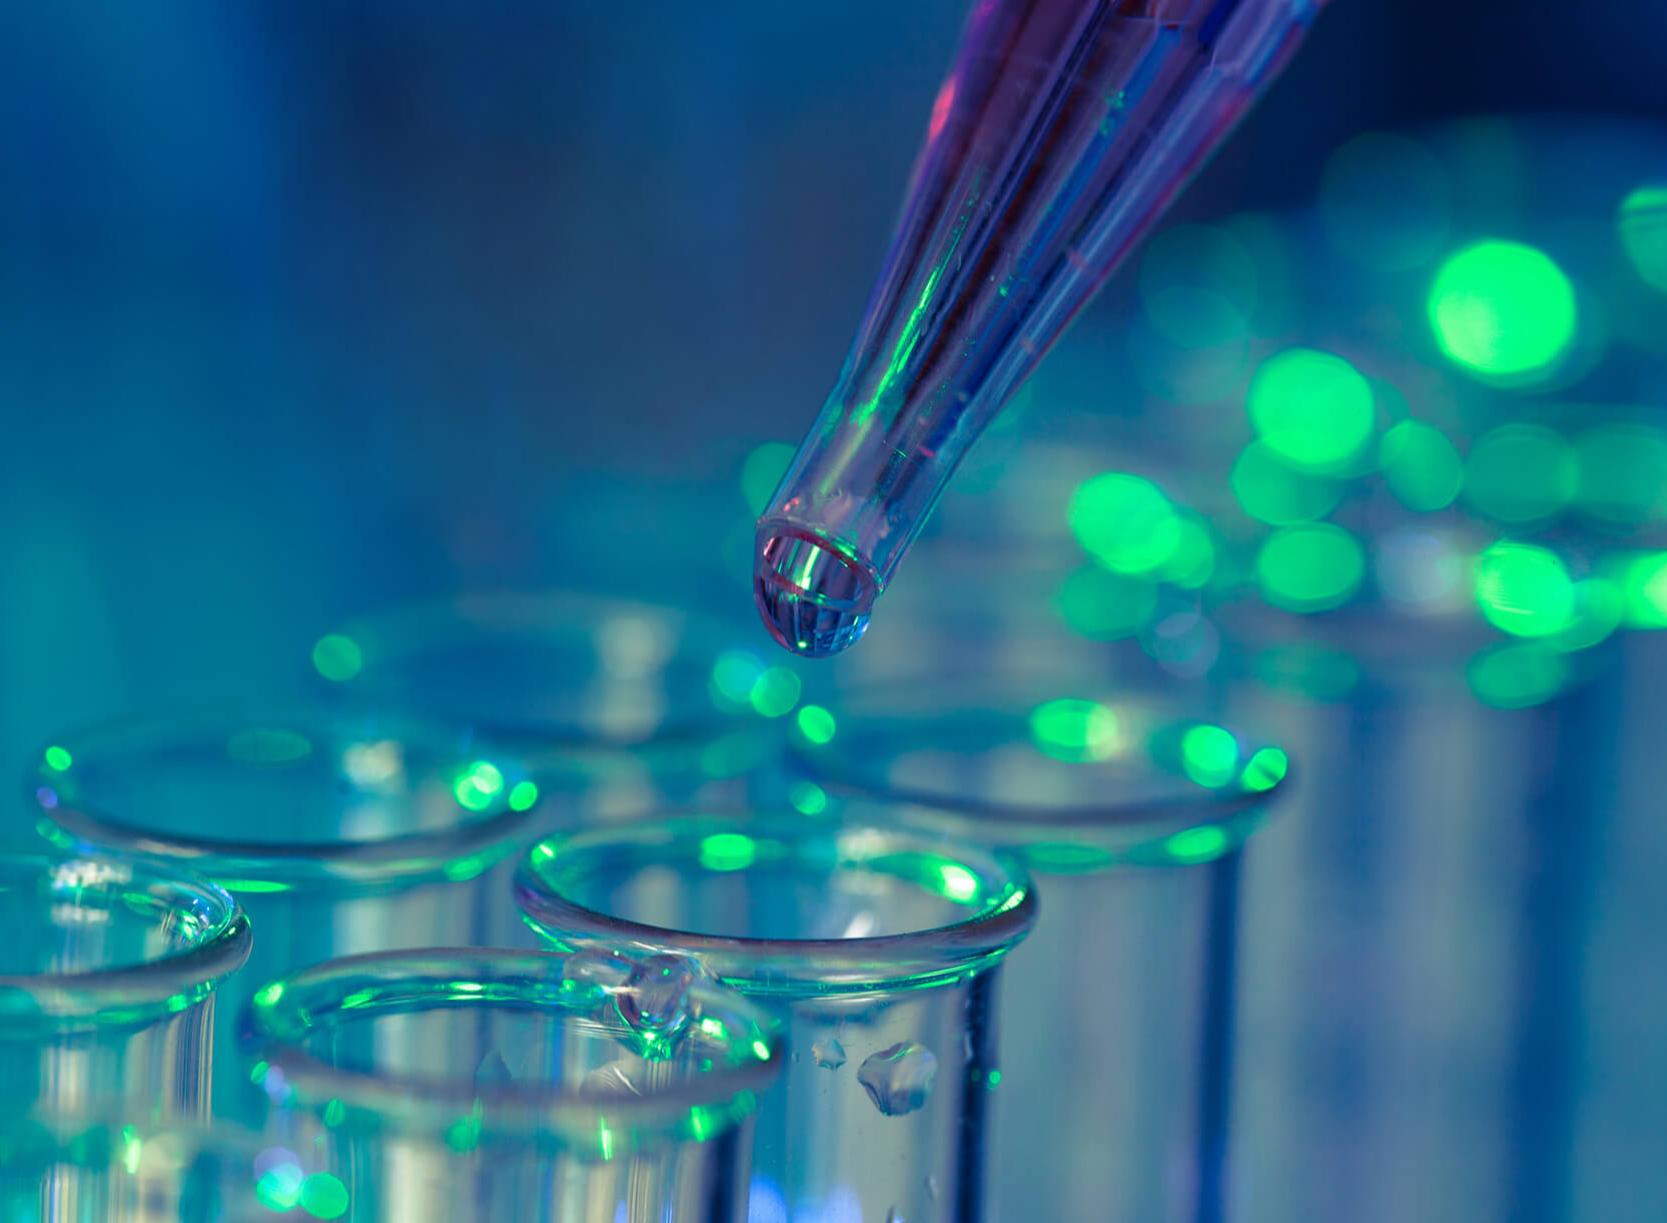 Immunology, antibodies and immunoassays: What are they?